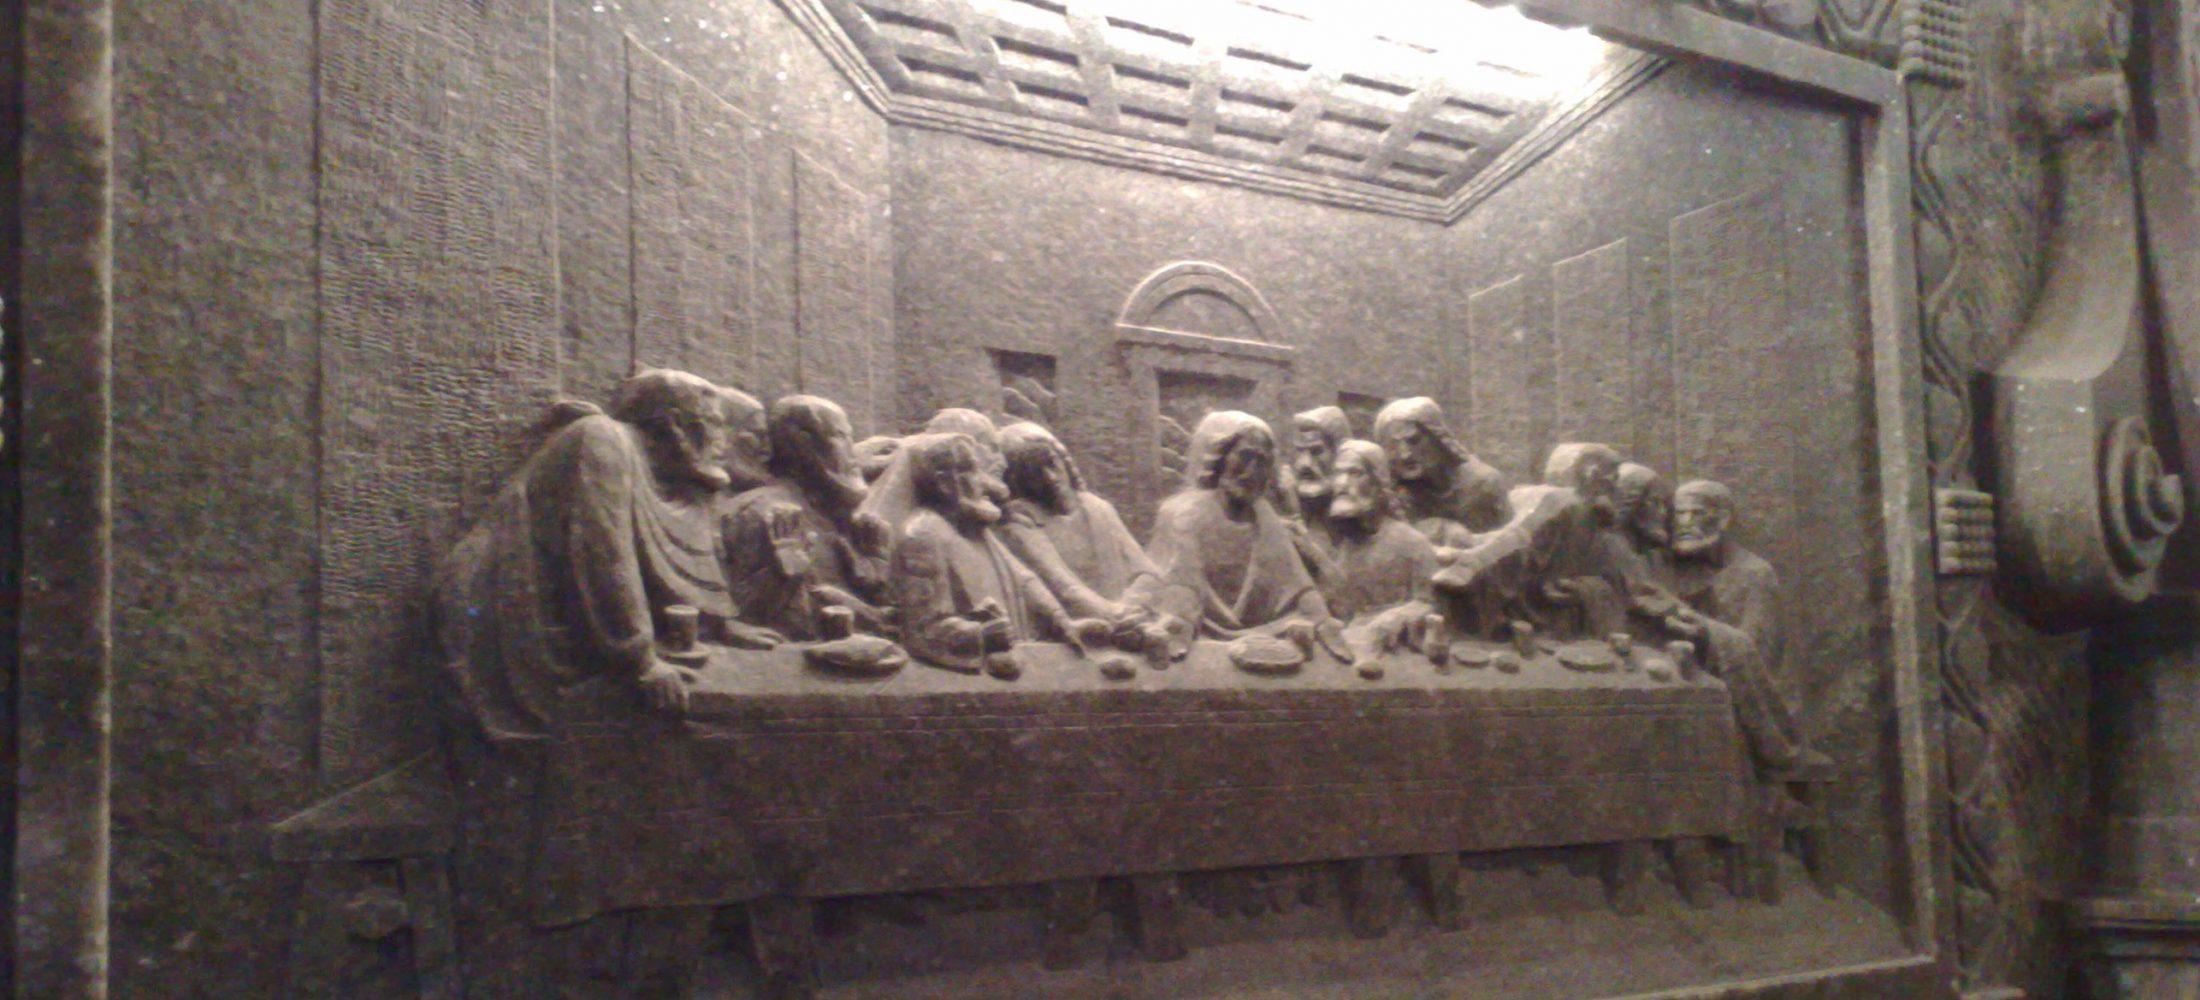 All carved in salt